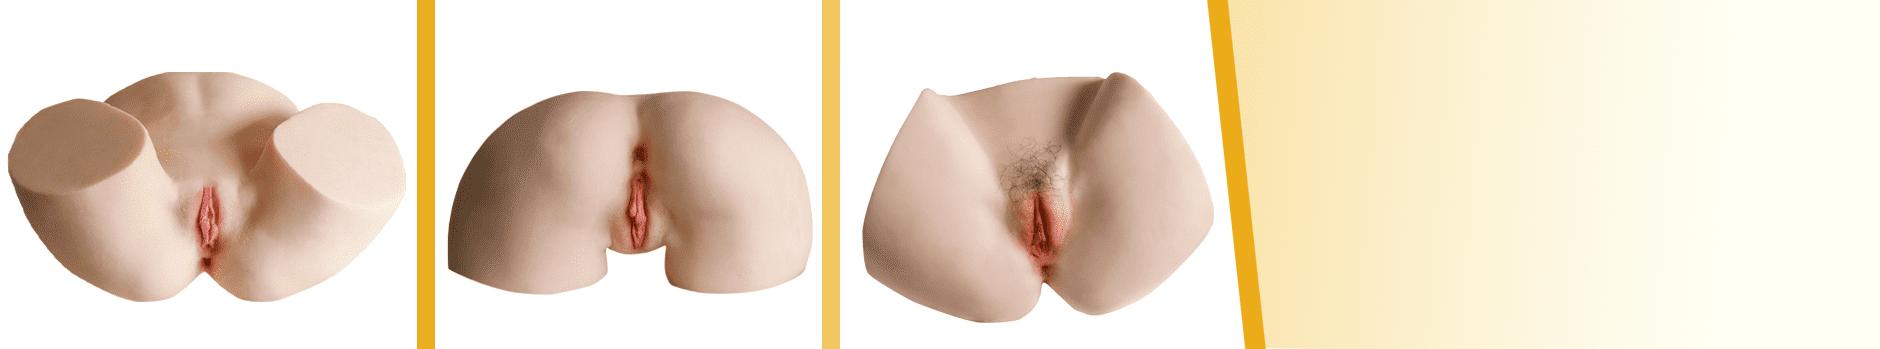 Sex Torso